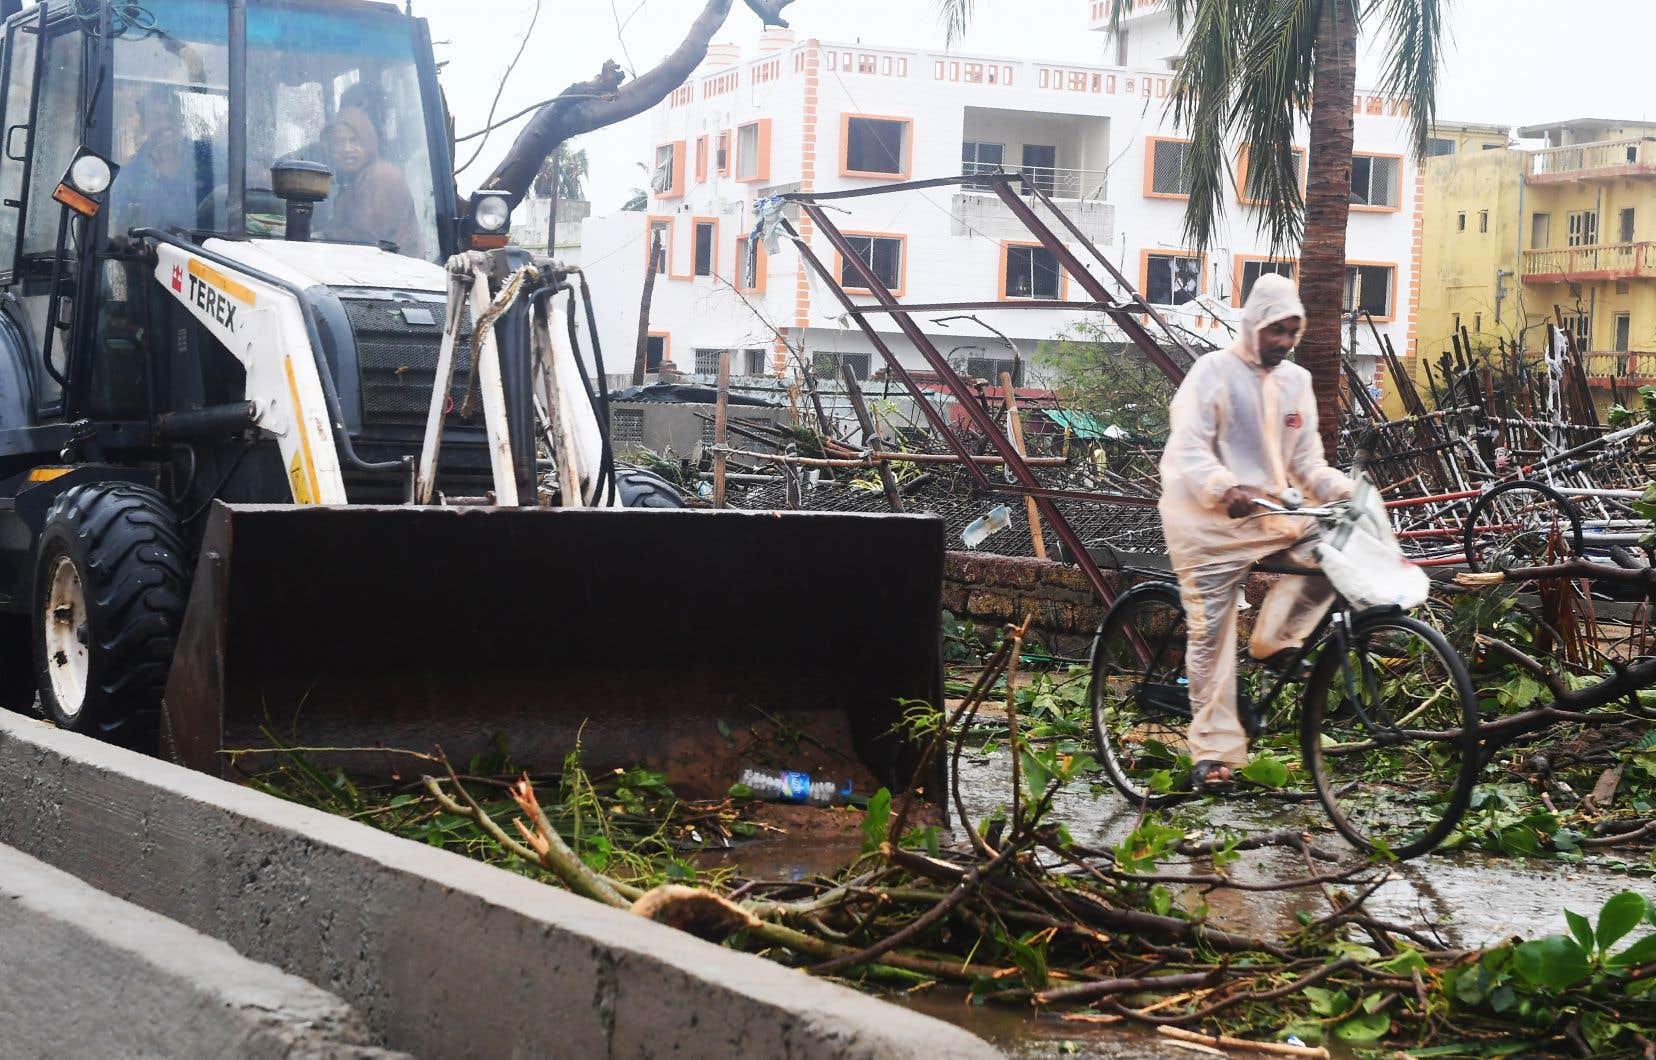 À Puri, ville indienne d'environ 200 000 habitants, 160 personnes ont été blessées lors du passage du cyclone «Fani».